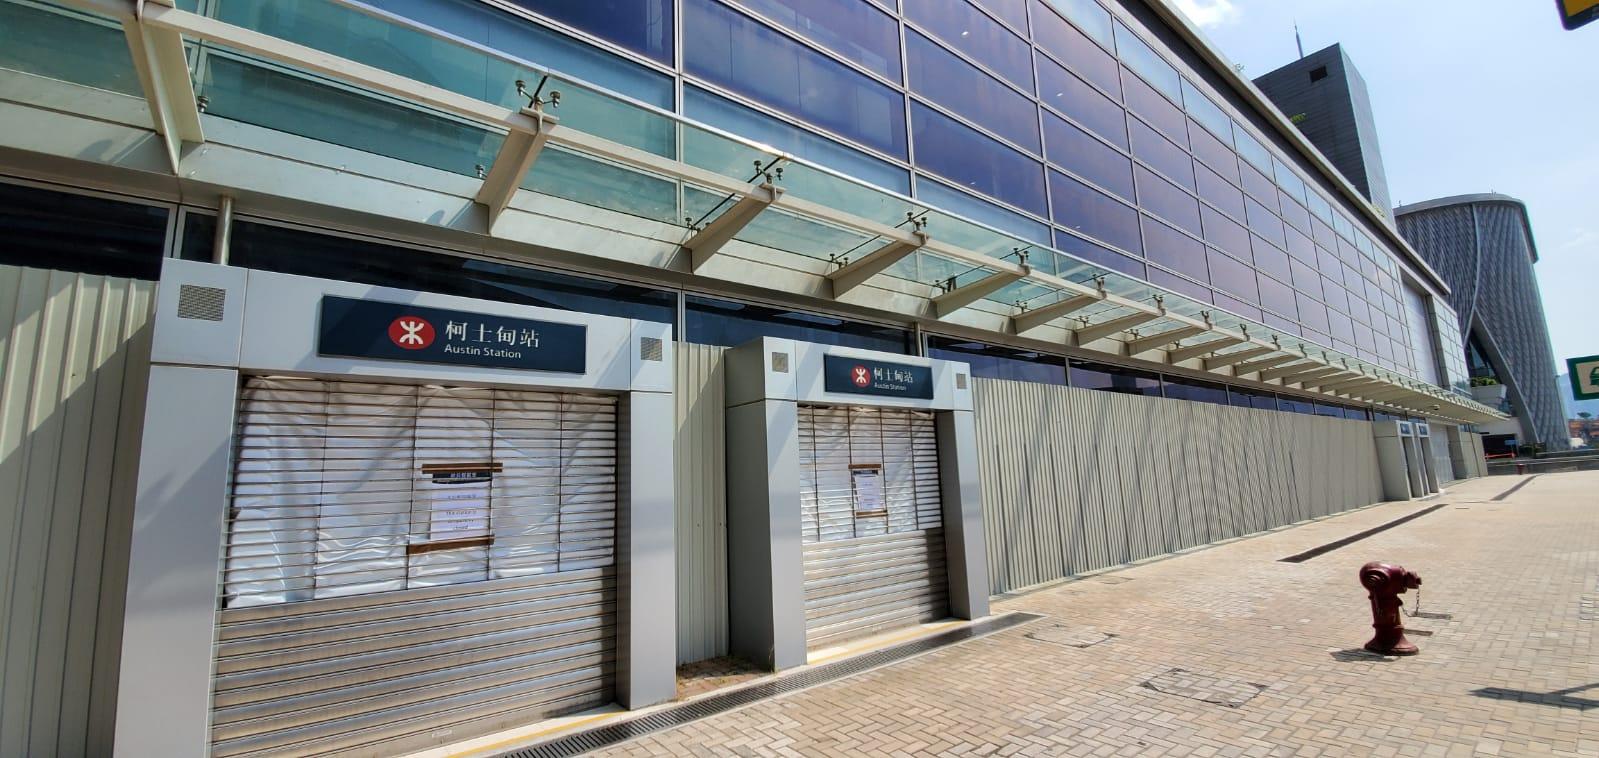 柯士甸站於中午12時起暫時關閉,列車亦不停有關車站。